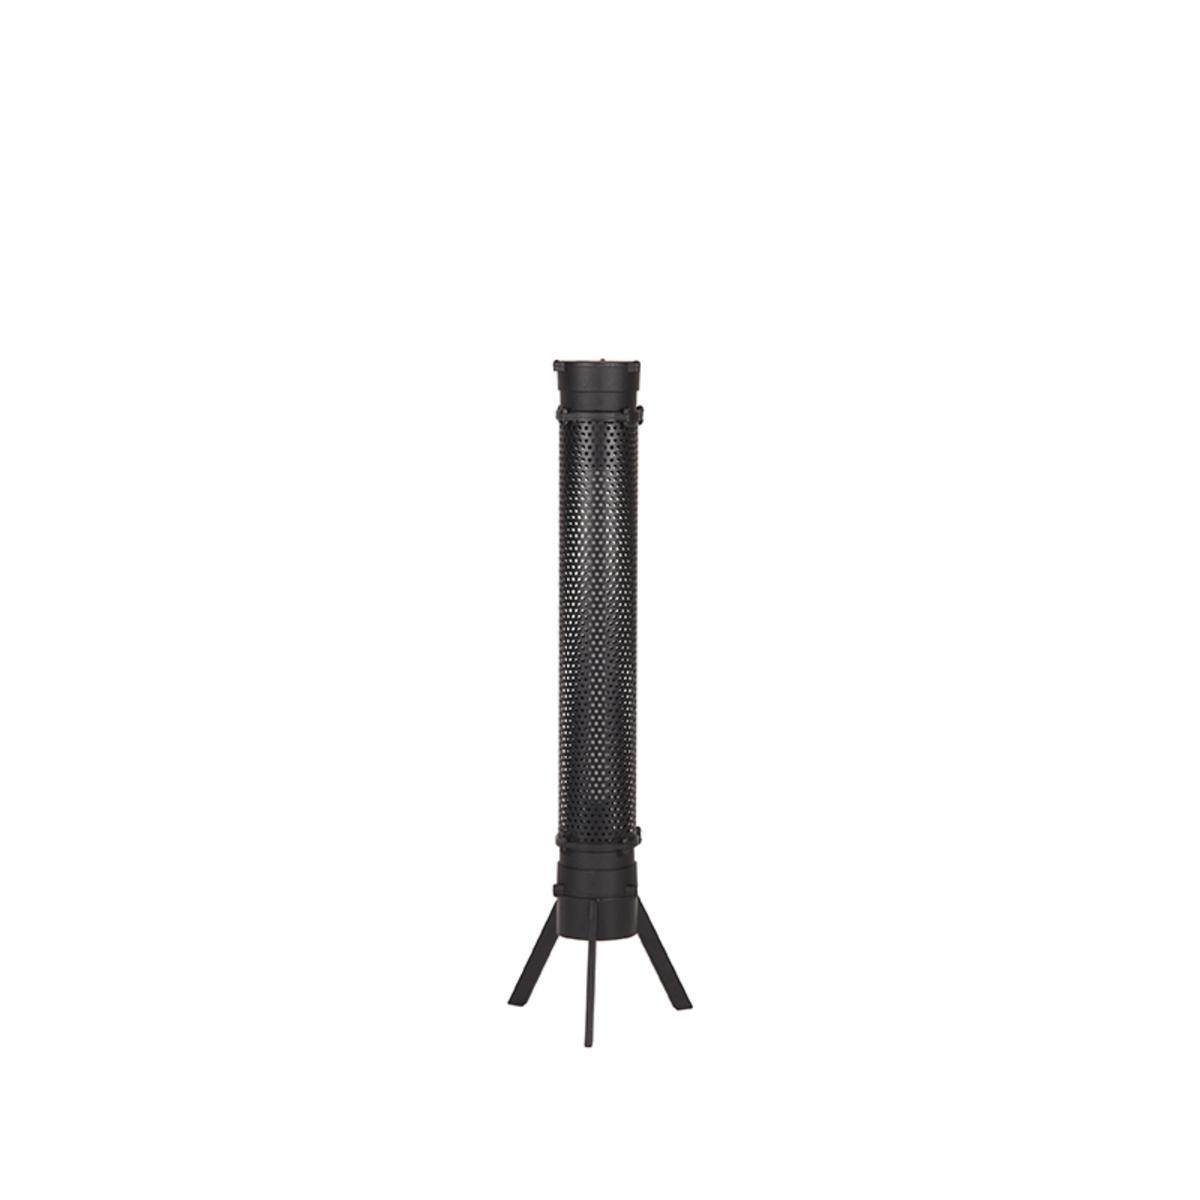 Tafellamp Tube - Zwart - Metaal